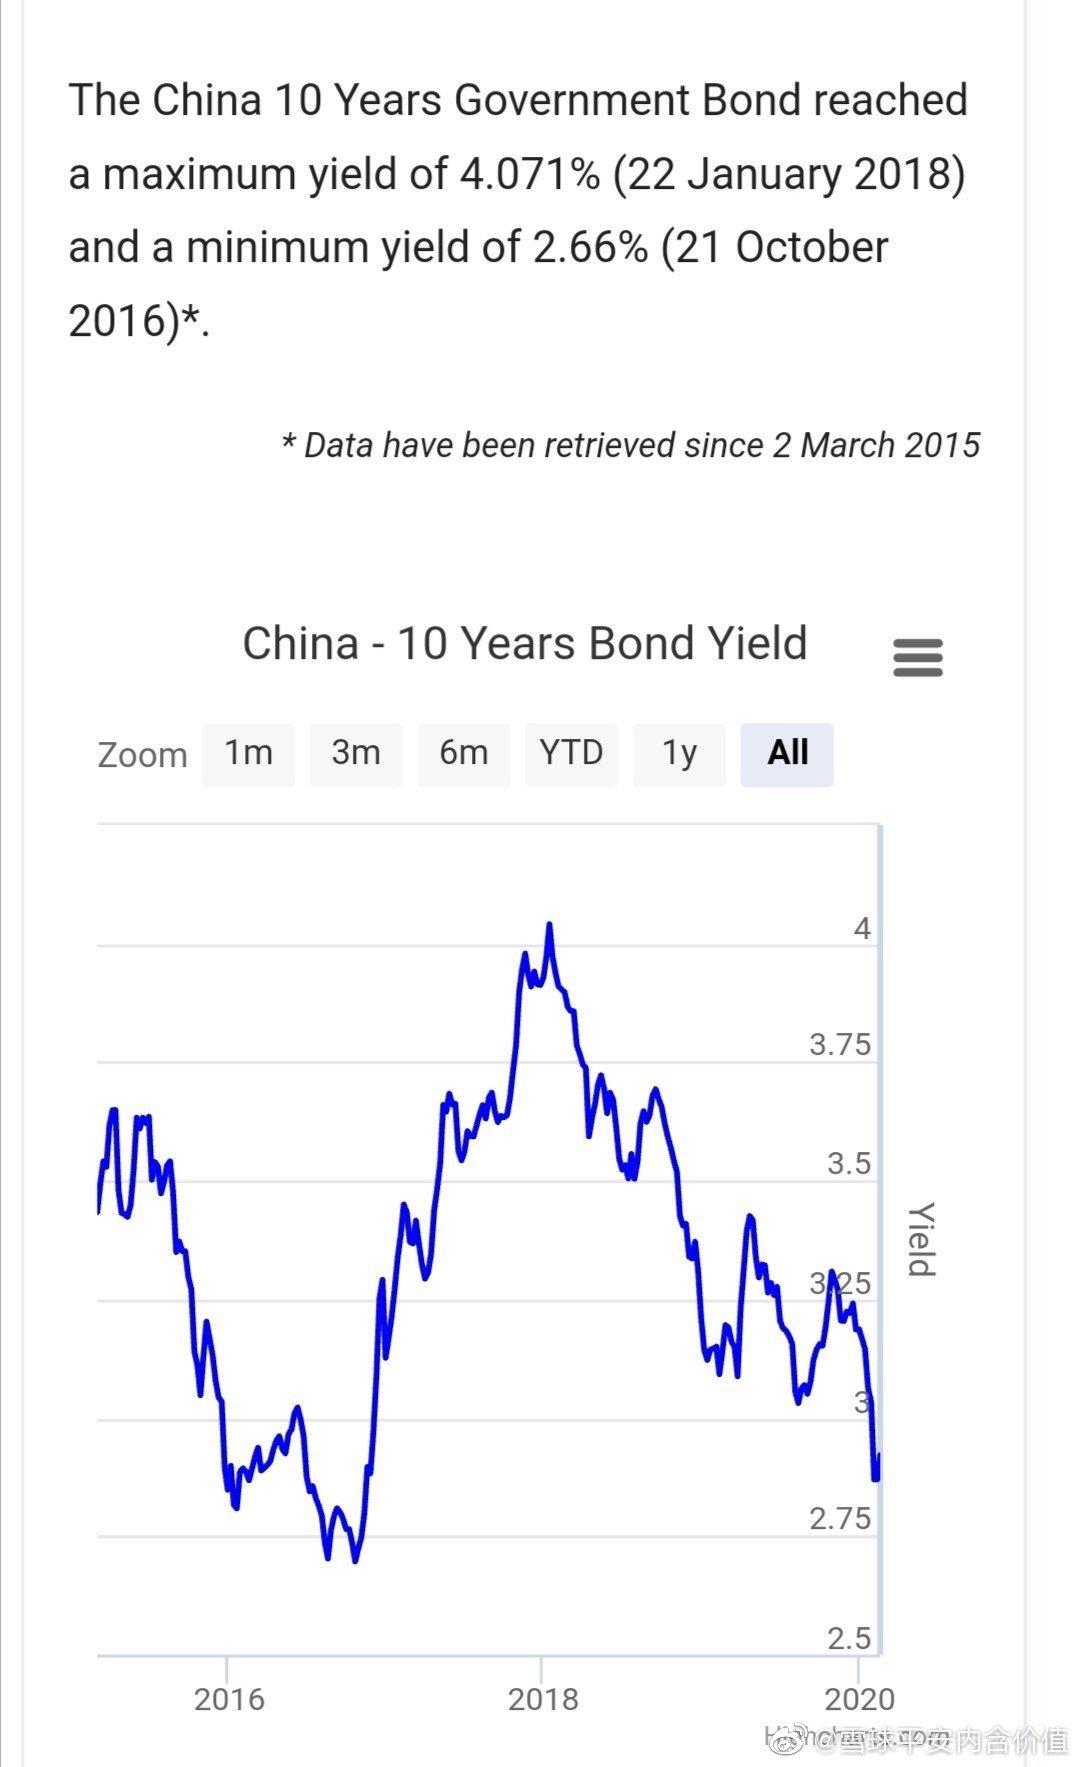 中国保险行业特别是寿险业今年最大的挑战是新单业务价值的稳增长